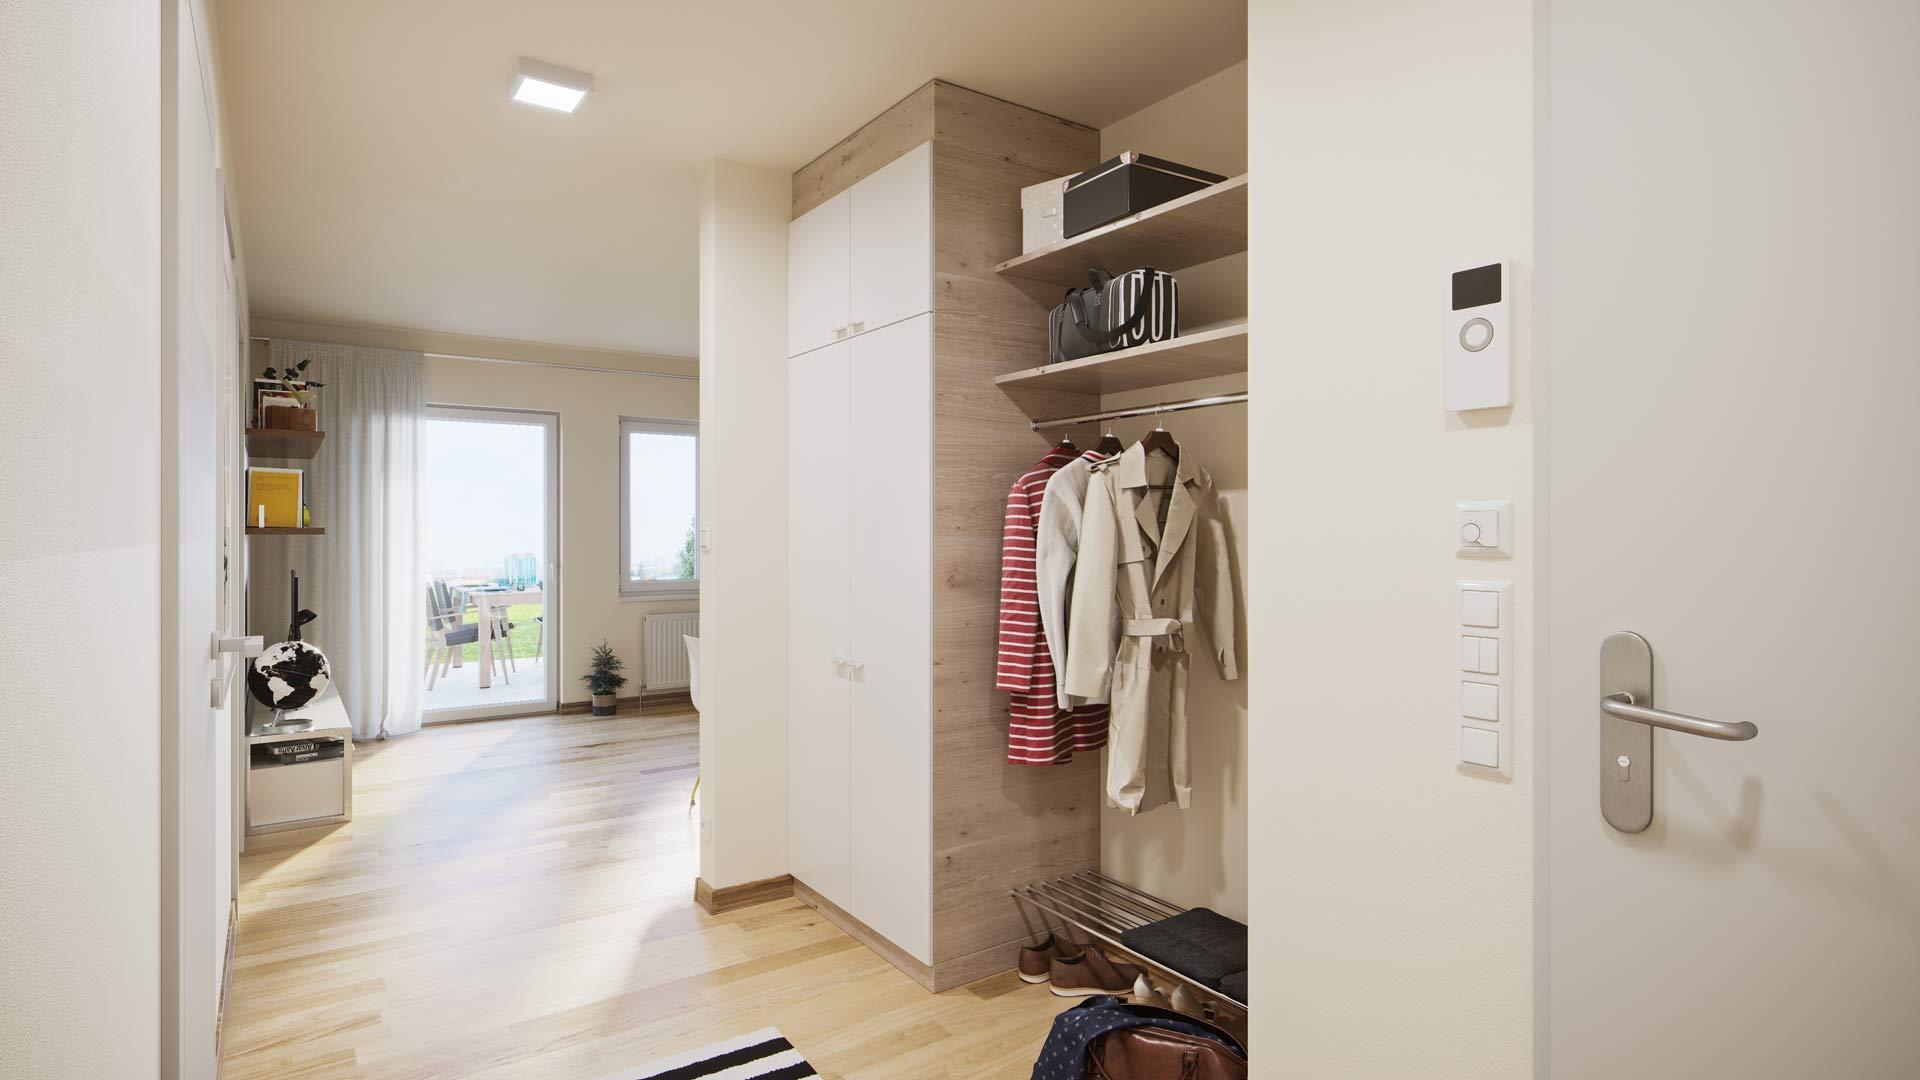 Projekt Villach Beispiel Innenausstattung Vorraum